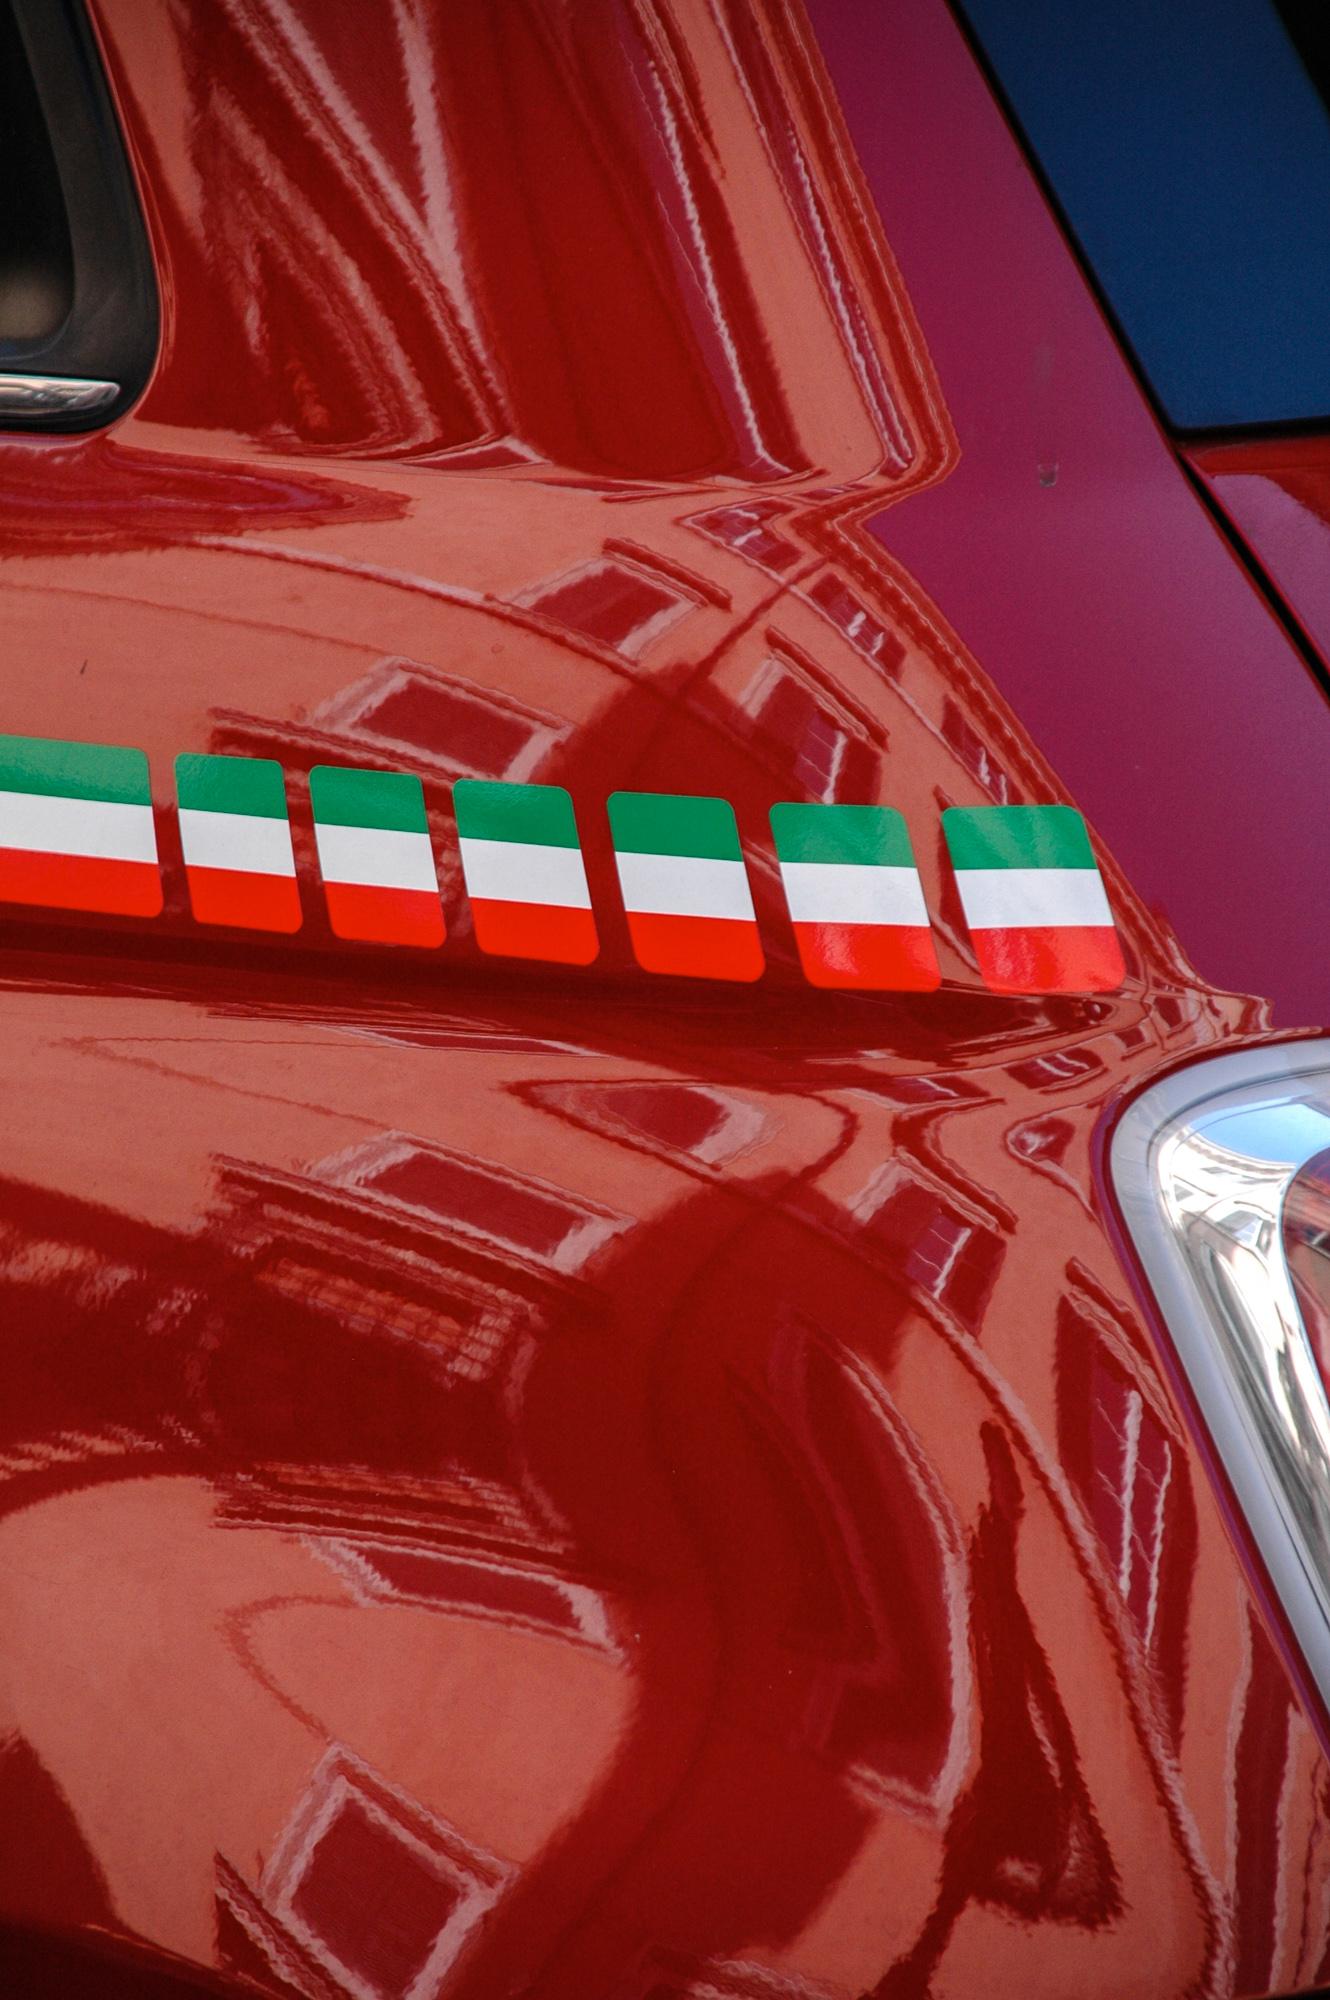 Italian Interpretations (Rome)